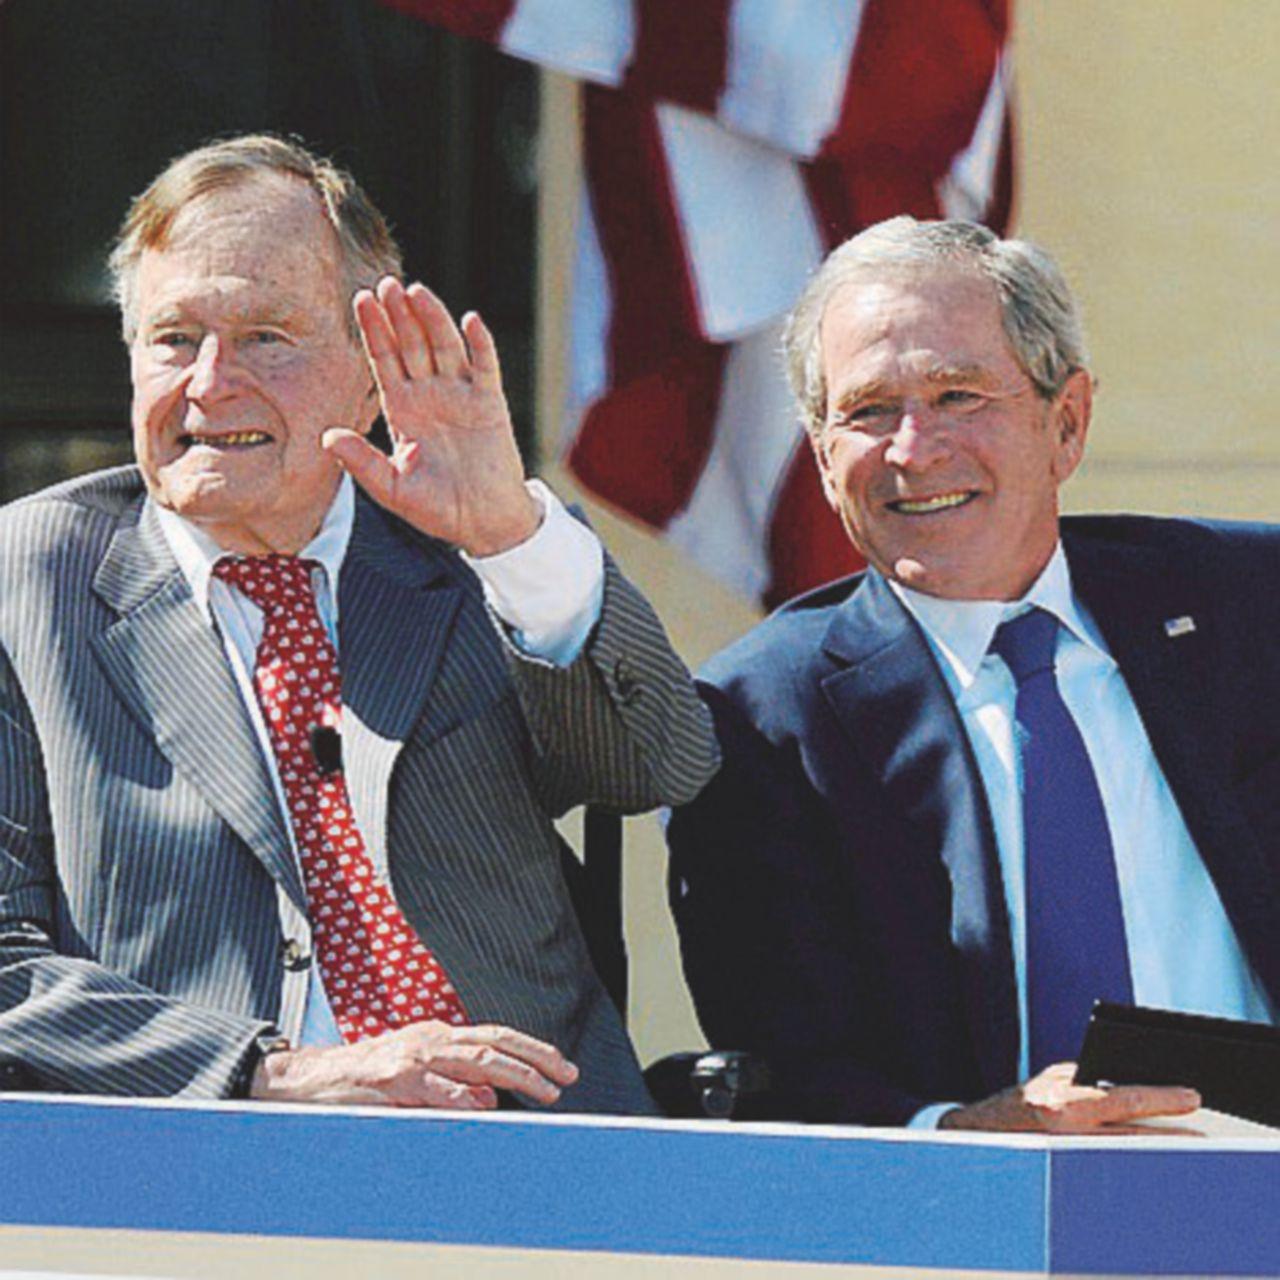 Bush padre, lui sì domò il mostro